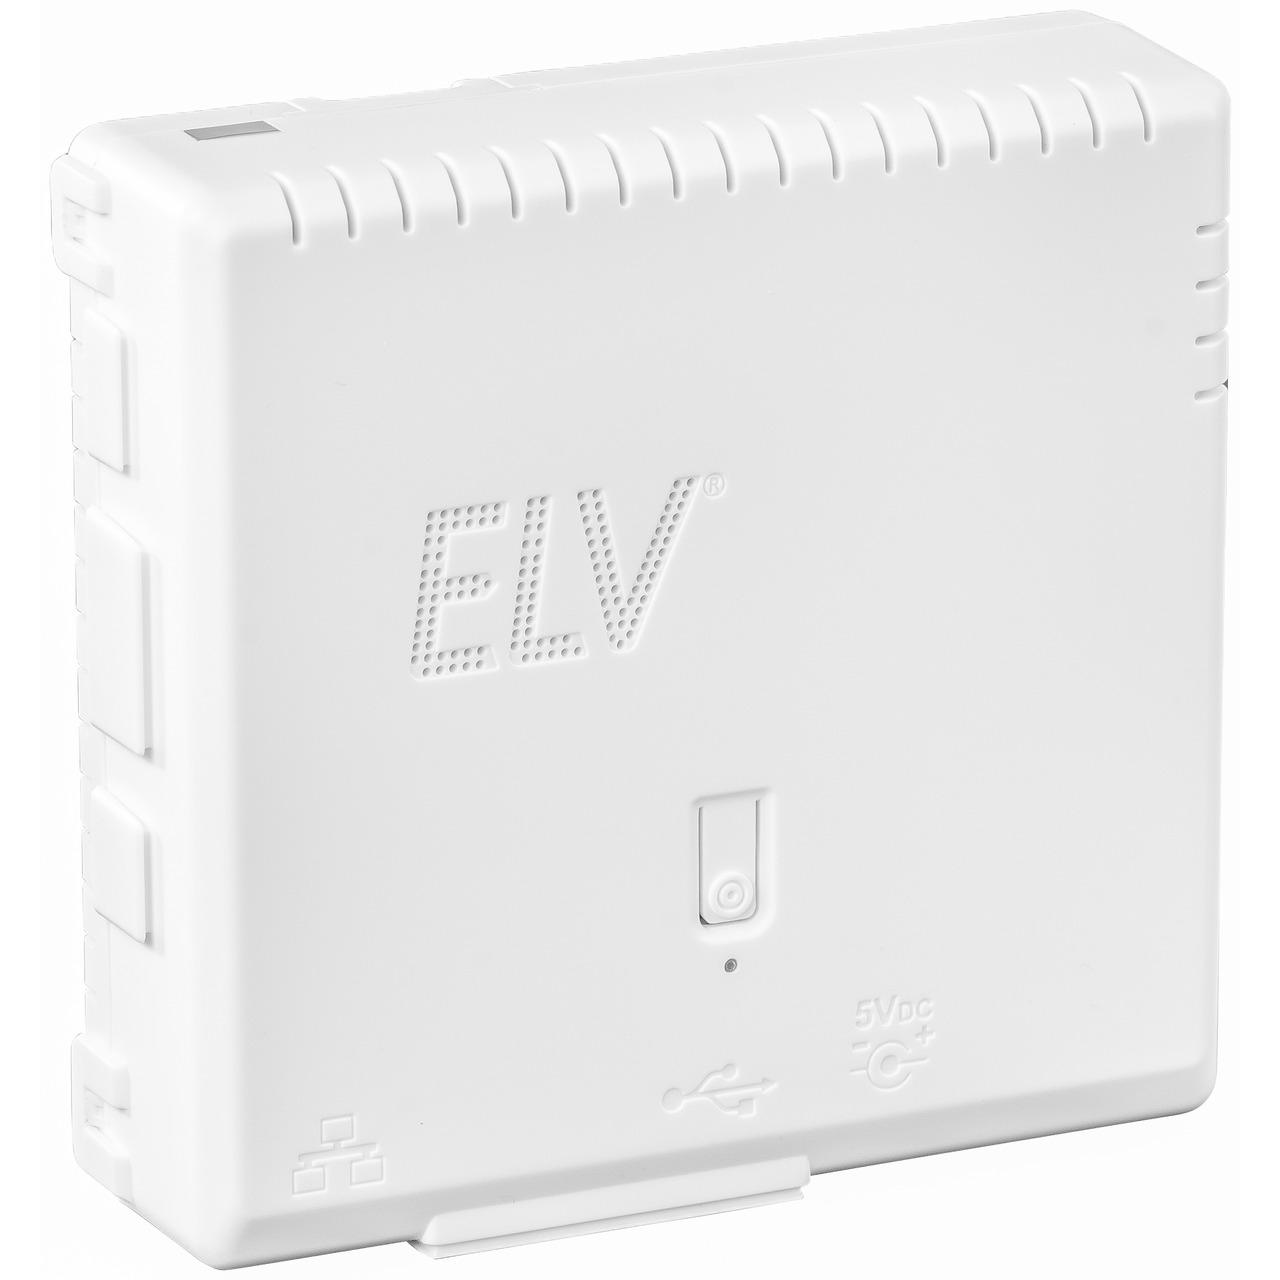 ELV Komplettbausatz Gehund-228 use RP-Case fund-252 r Raspberry Pi und RPI-RF-MOD Funk-Modulplatine- weiund-223